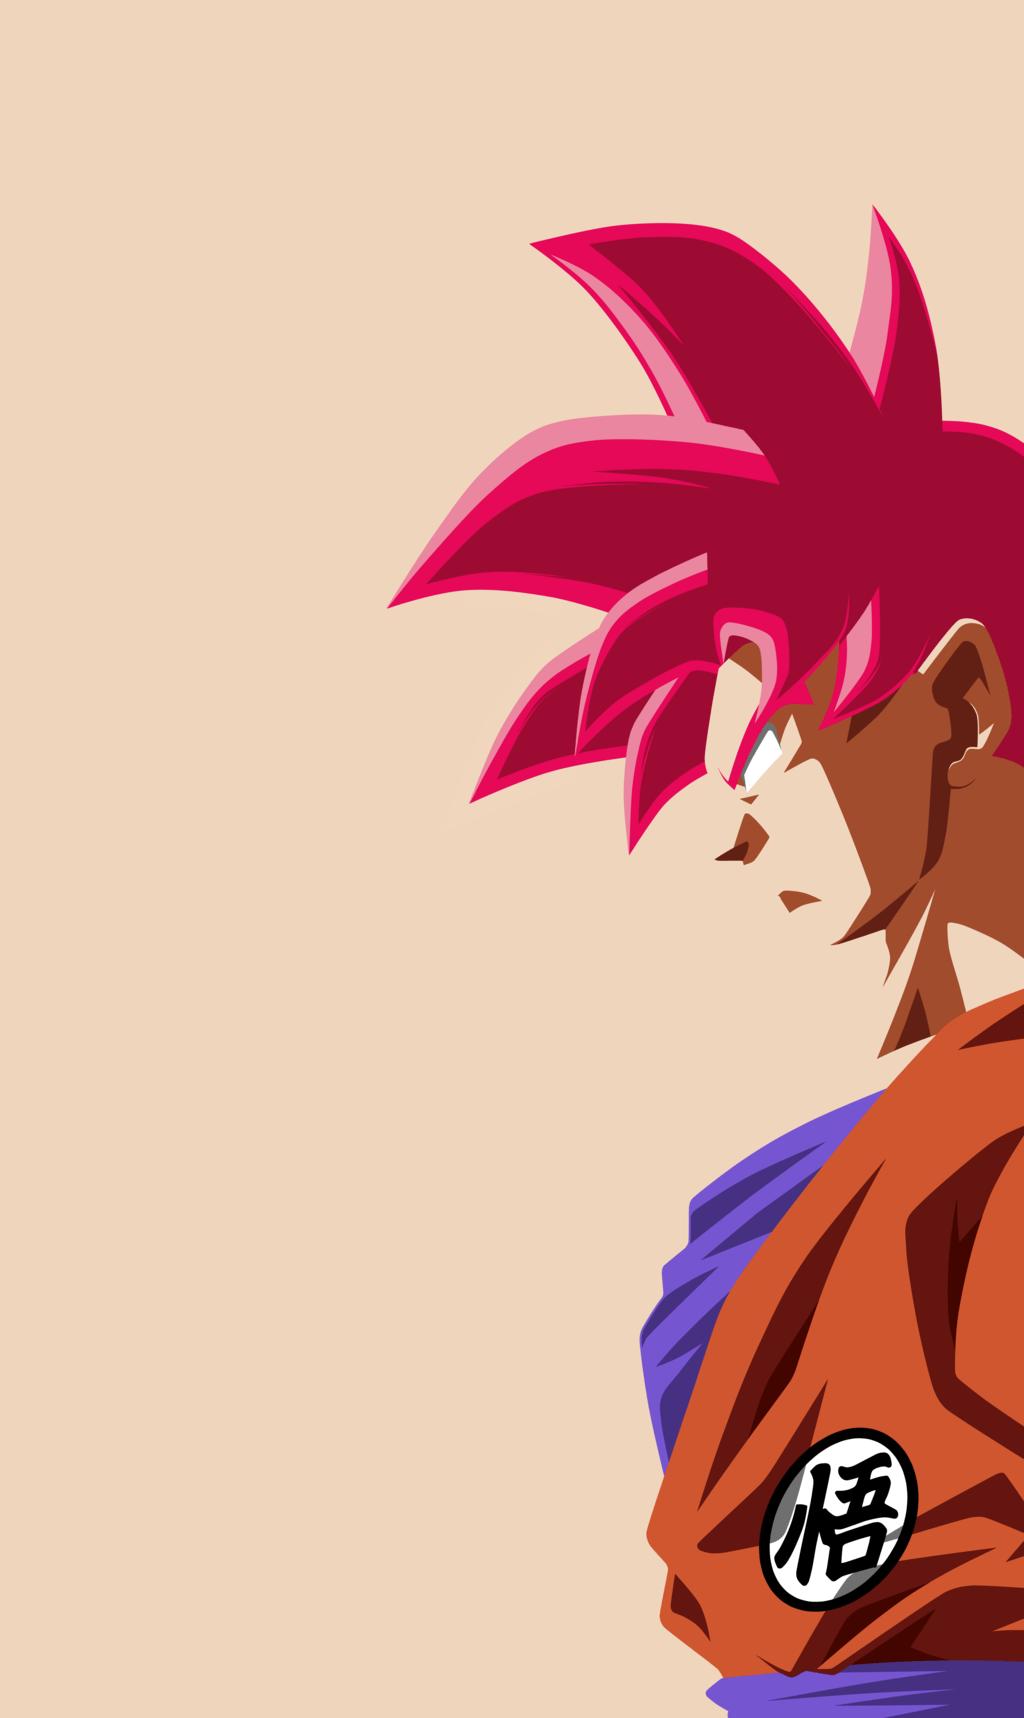 45 Best Free Goku God Wallpapers Wallpaperaccess